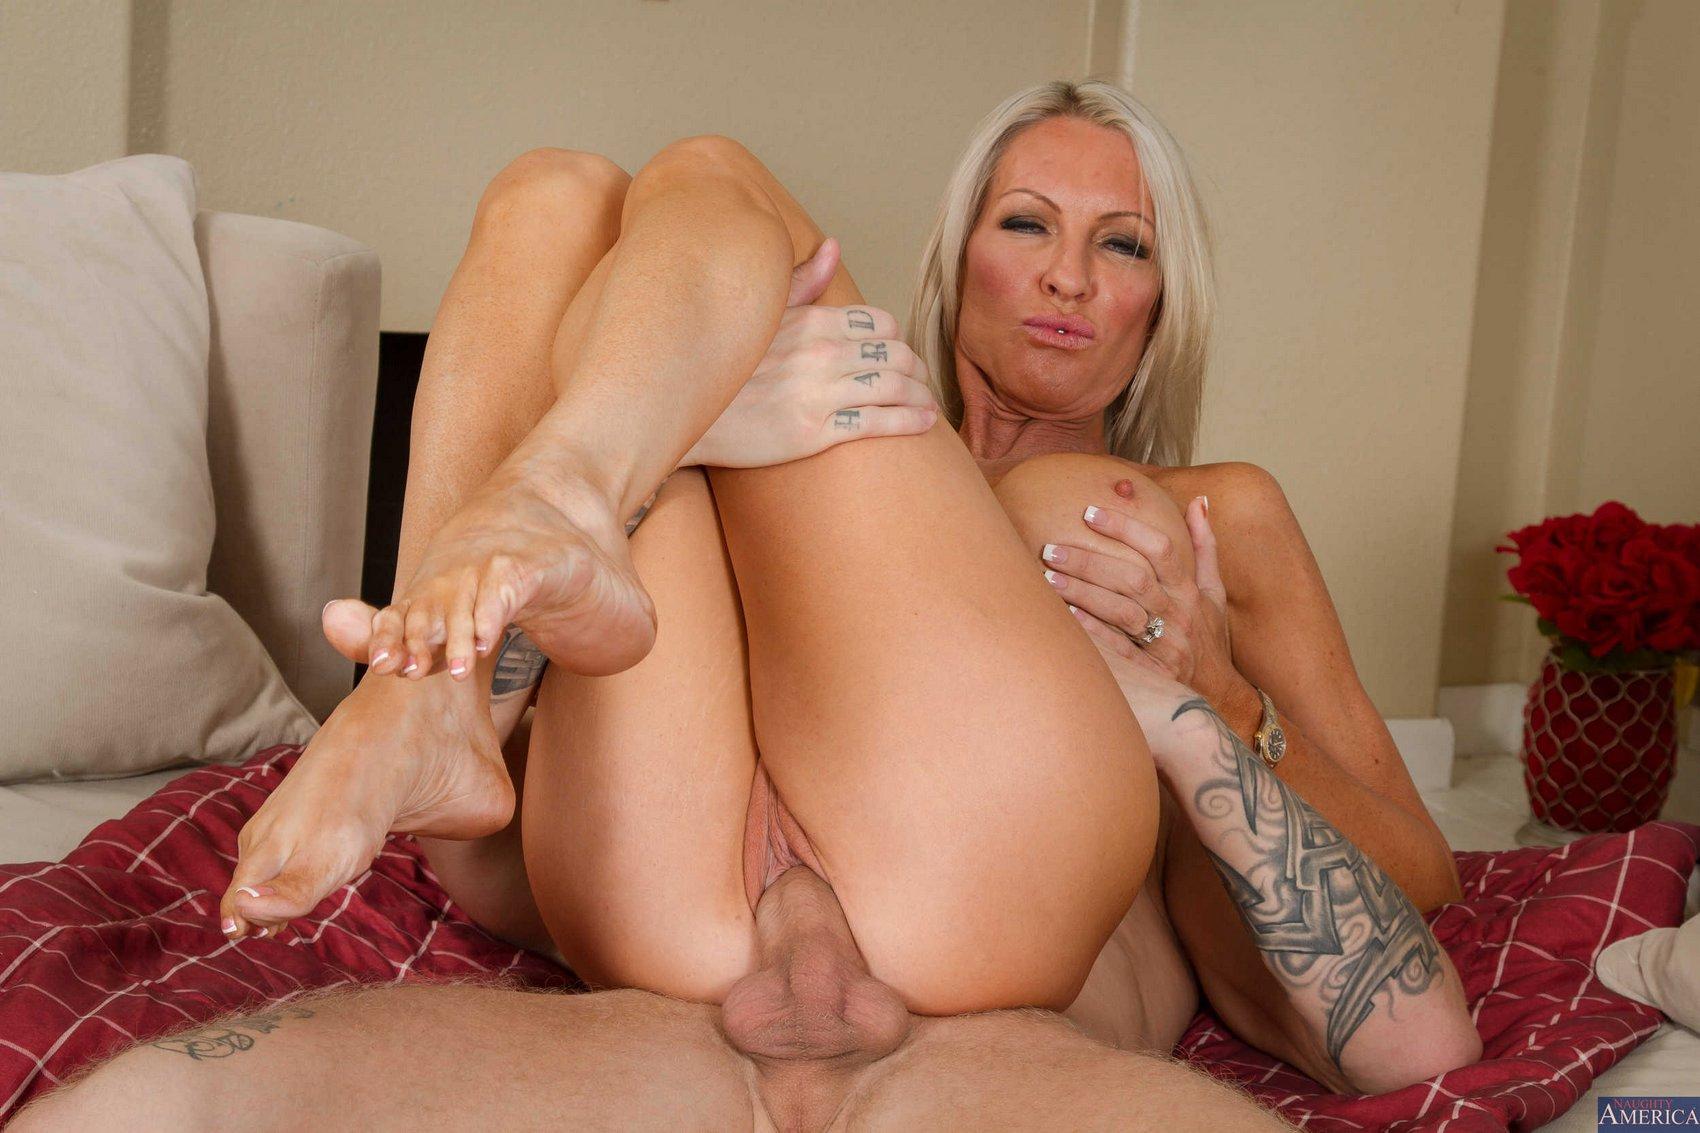 hot girls naked and horne